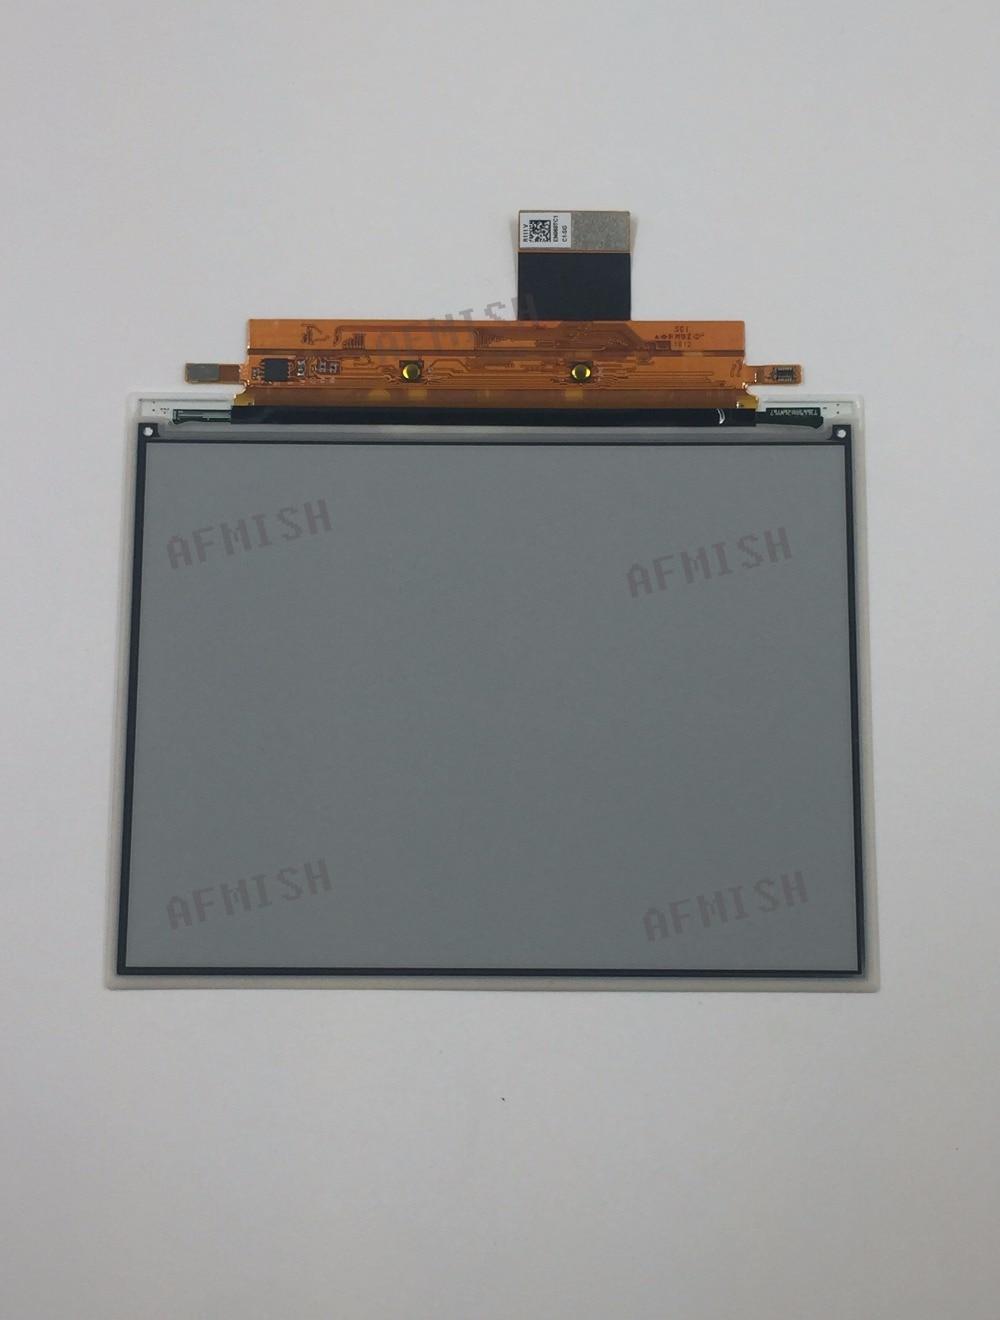 Pantalla LCD de 6 pulgadas para lector de libros electrónicos EN060TC1, 100%, nuevo, eink, Envío Gratis